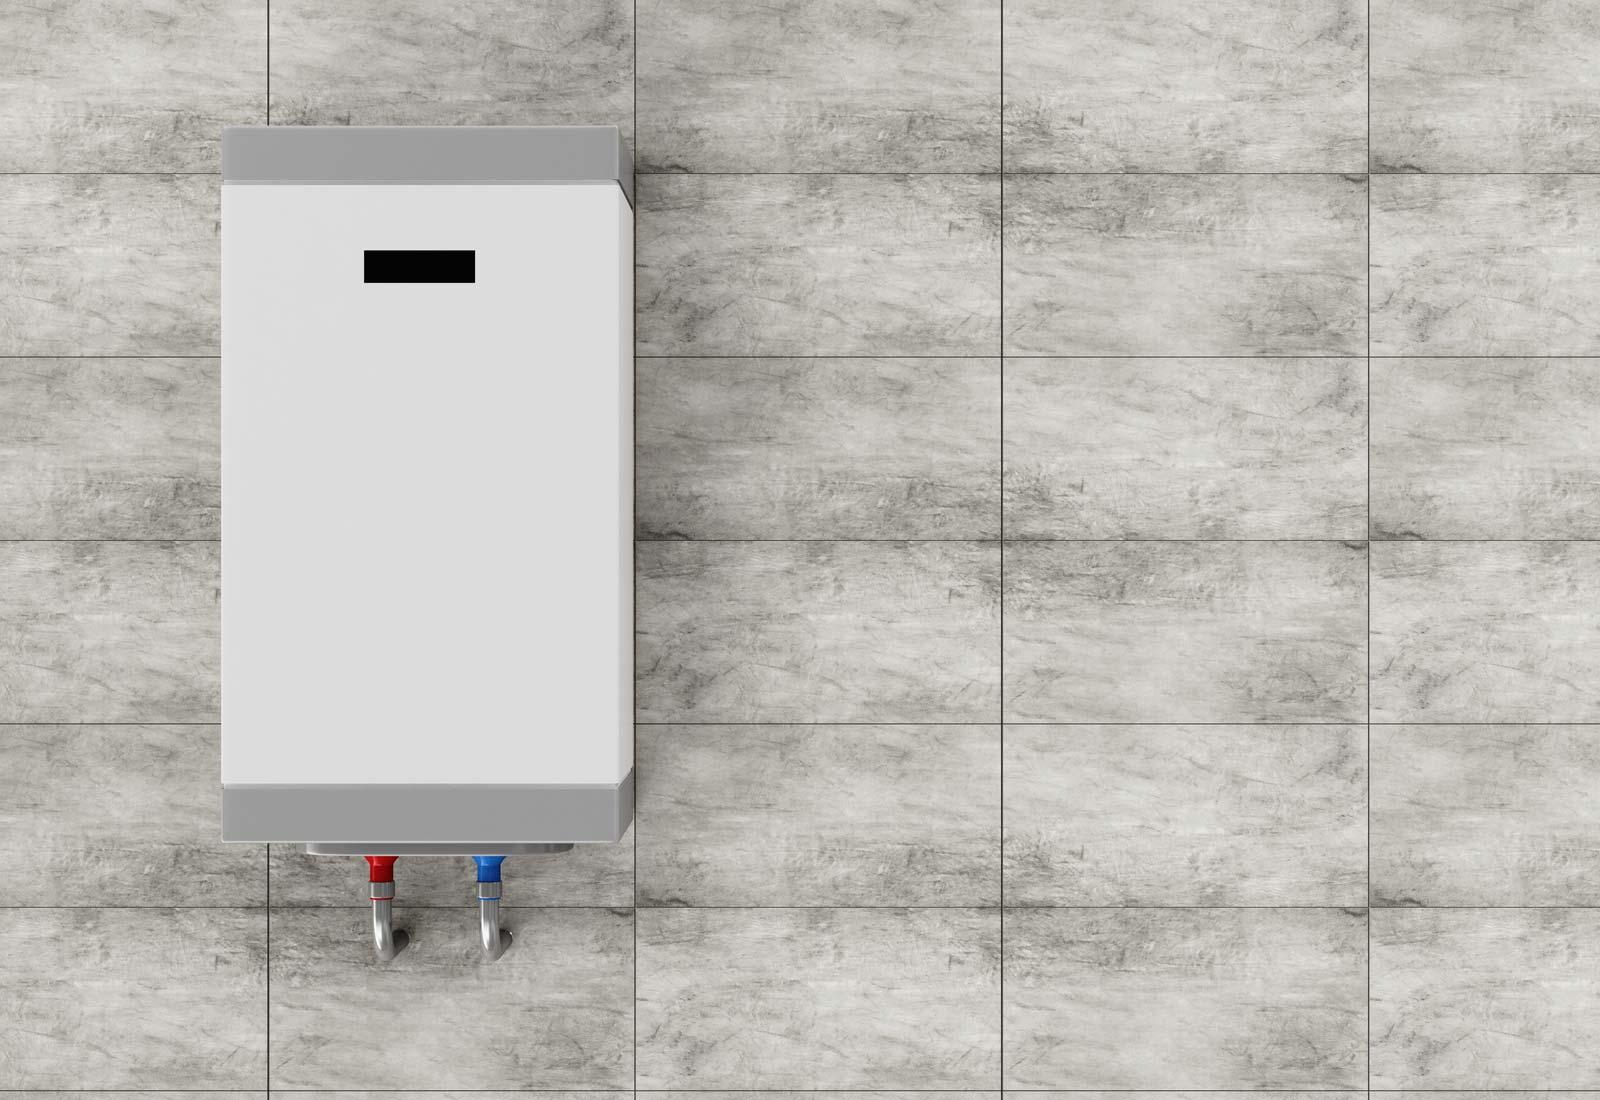 quel chauffe eau choisir electrique gaz thermodynamique. Black Bedroom Furniture Sets. Home Design Ideas